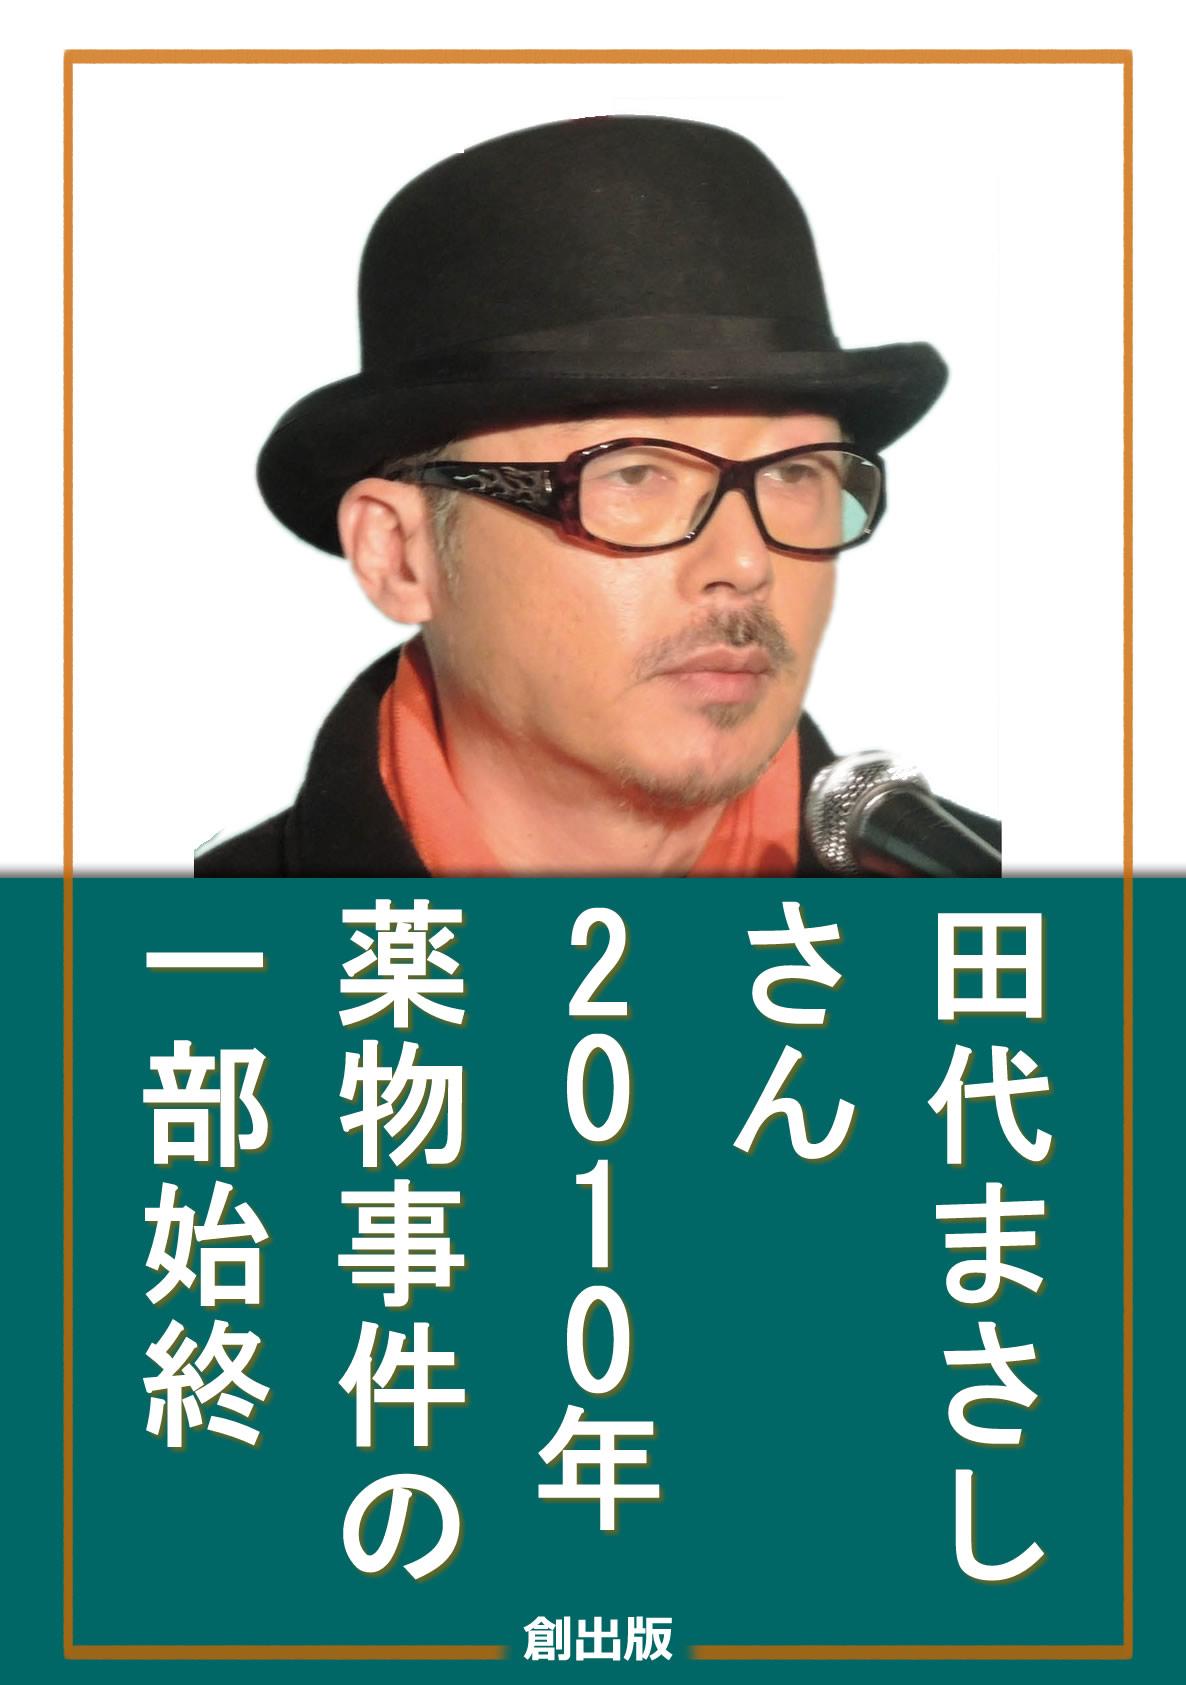 田代まさしさん盗撮騒動の背景にある、薬物事件の一部始終